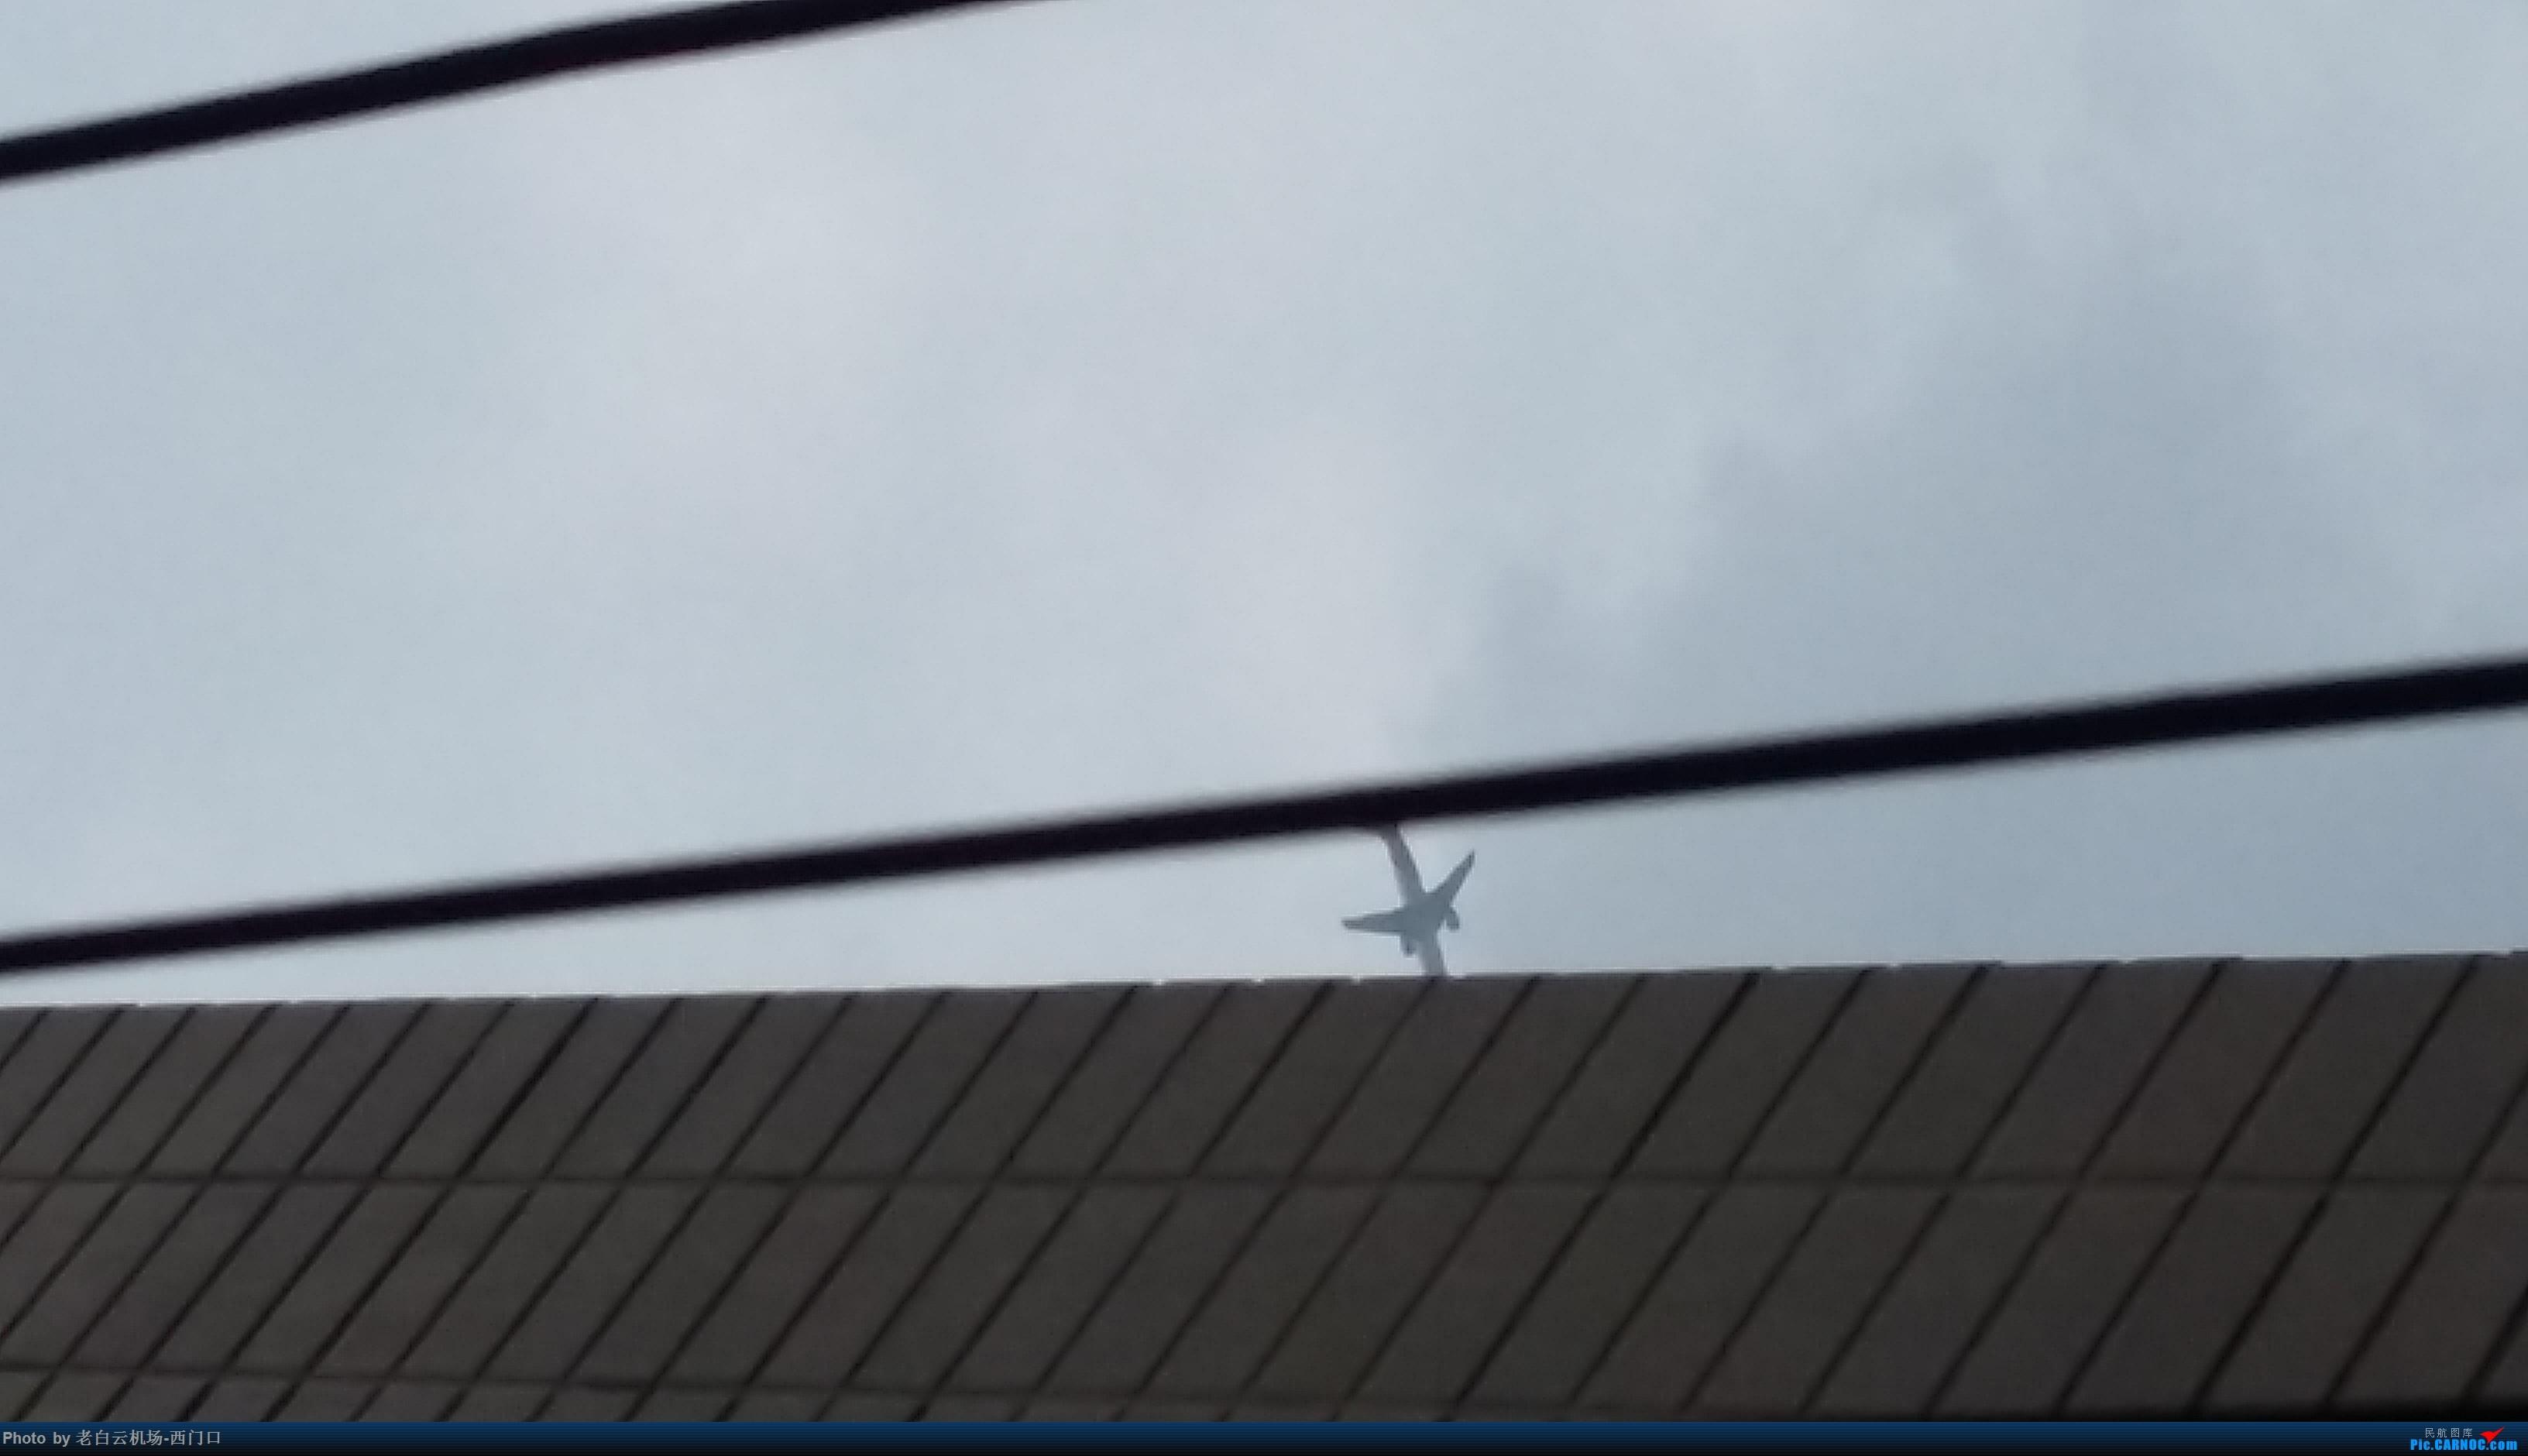 Re:[原创]我的拍飞机心情(广州) AIRBUS A320-200 不明 中国广东省广州市荔湾区西*门*口*广*场上空